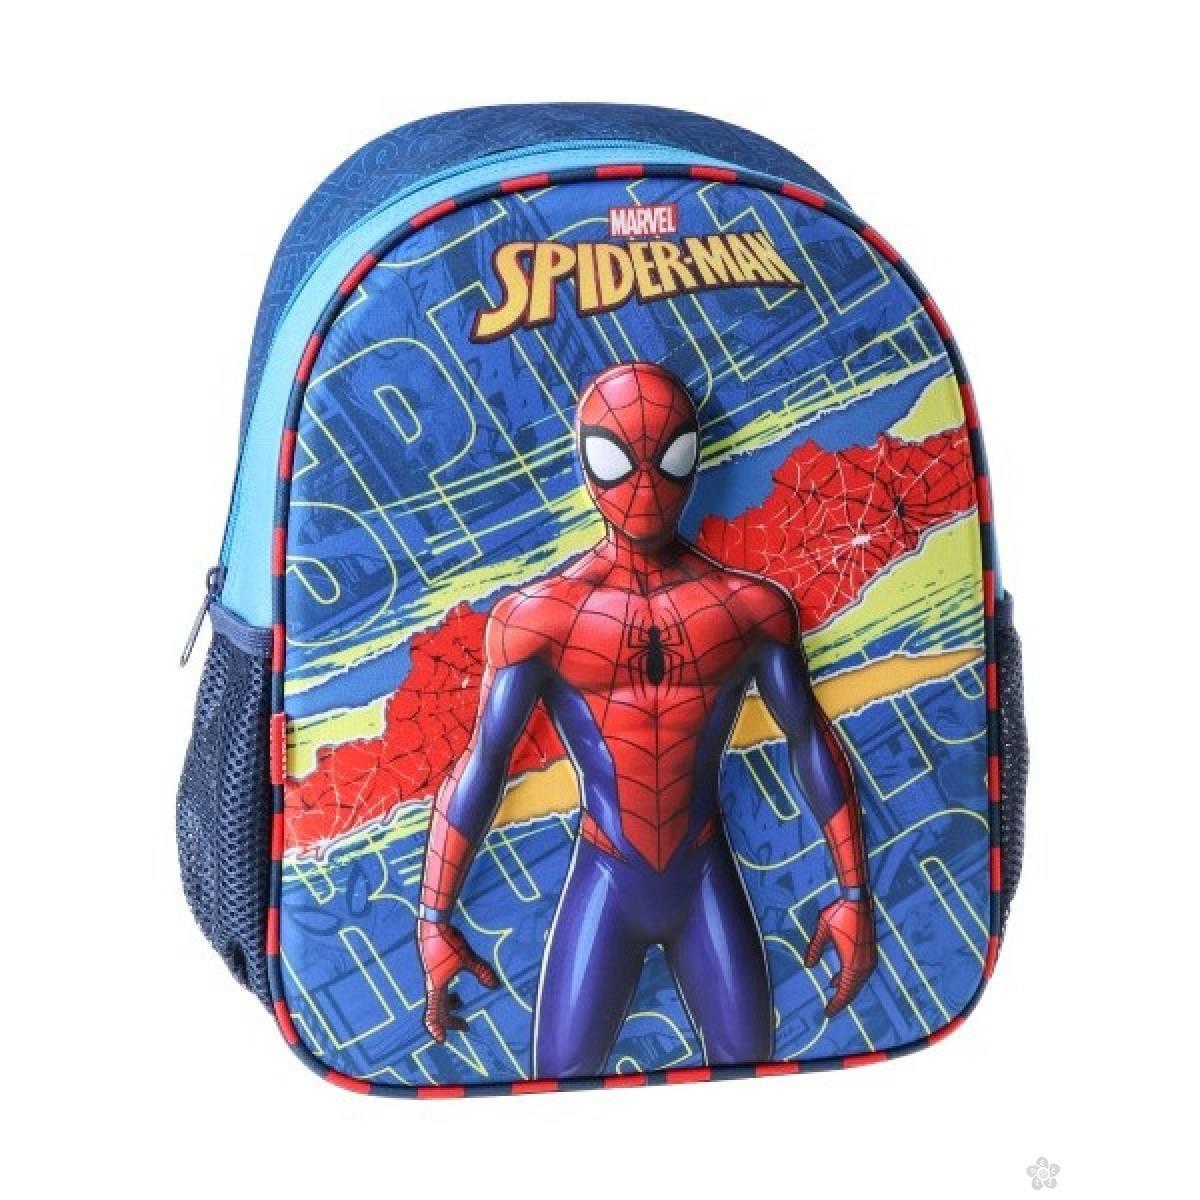 3D ranac za vrtic Spiderman Web slinger 326421